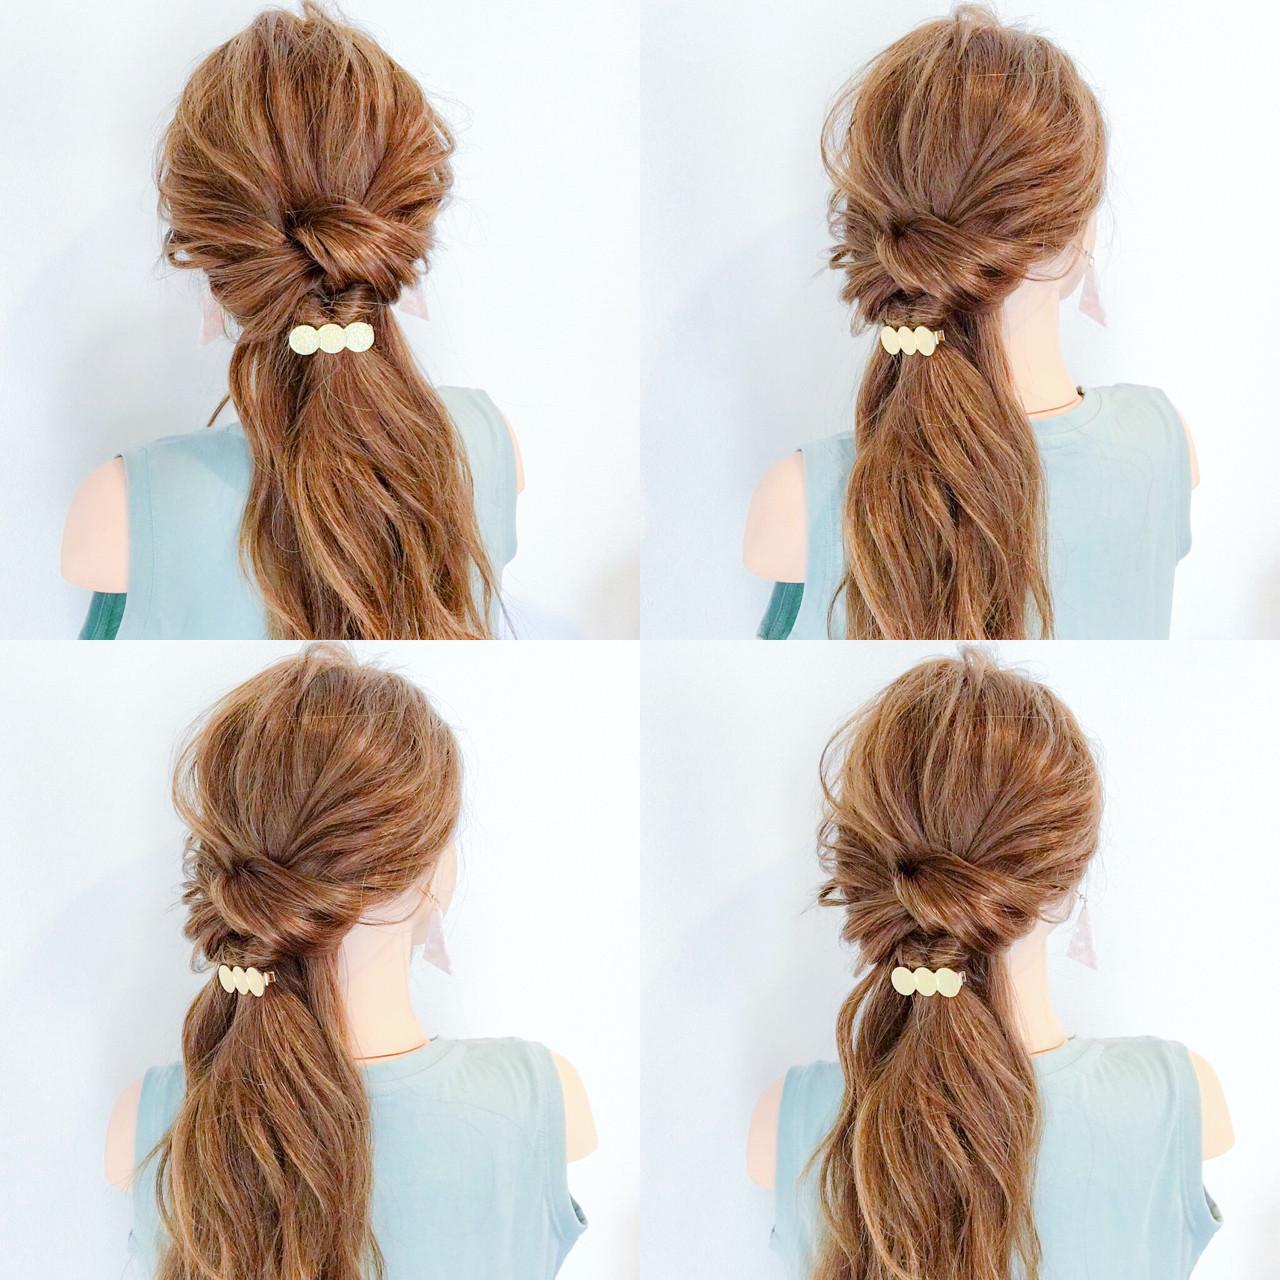 ヘアアレンジ デート オフィス 夏 ヘアスタイルや髪型の写真・画像 | 美容師HIRO/Amoute代表 / Amoute/アムティ